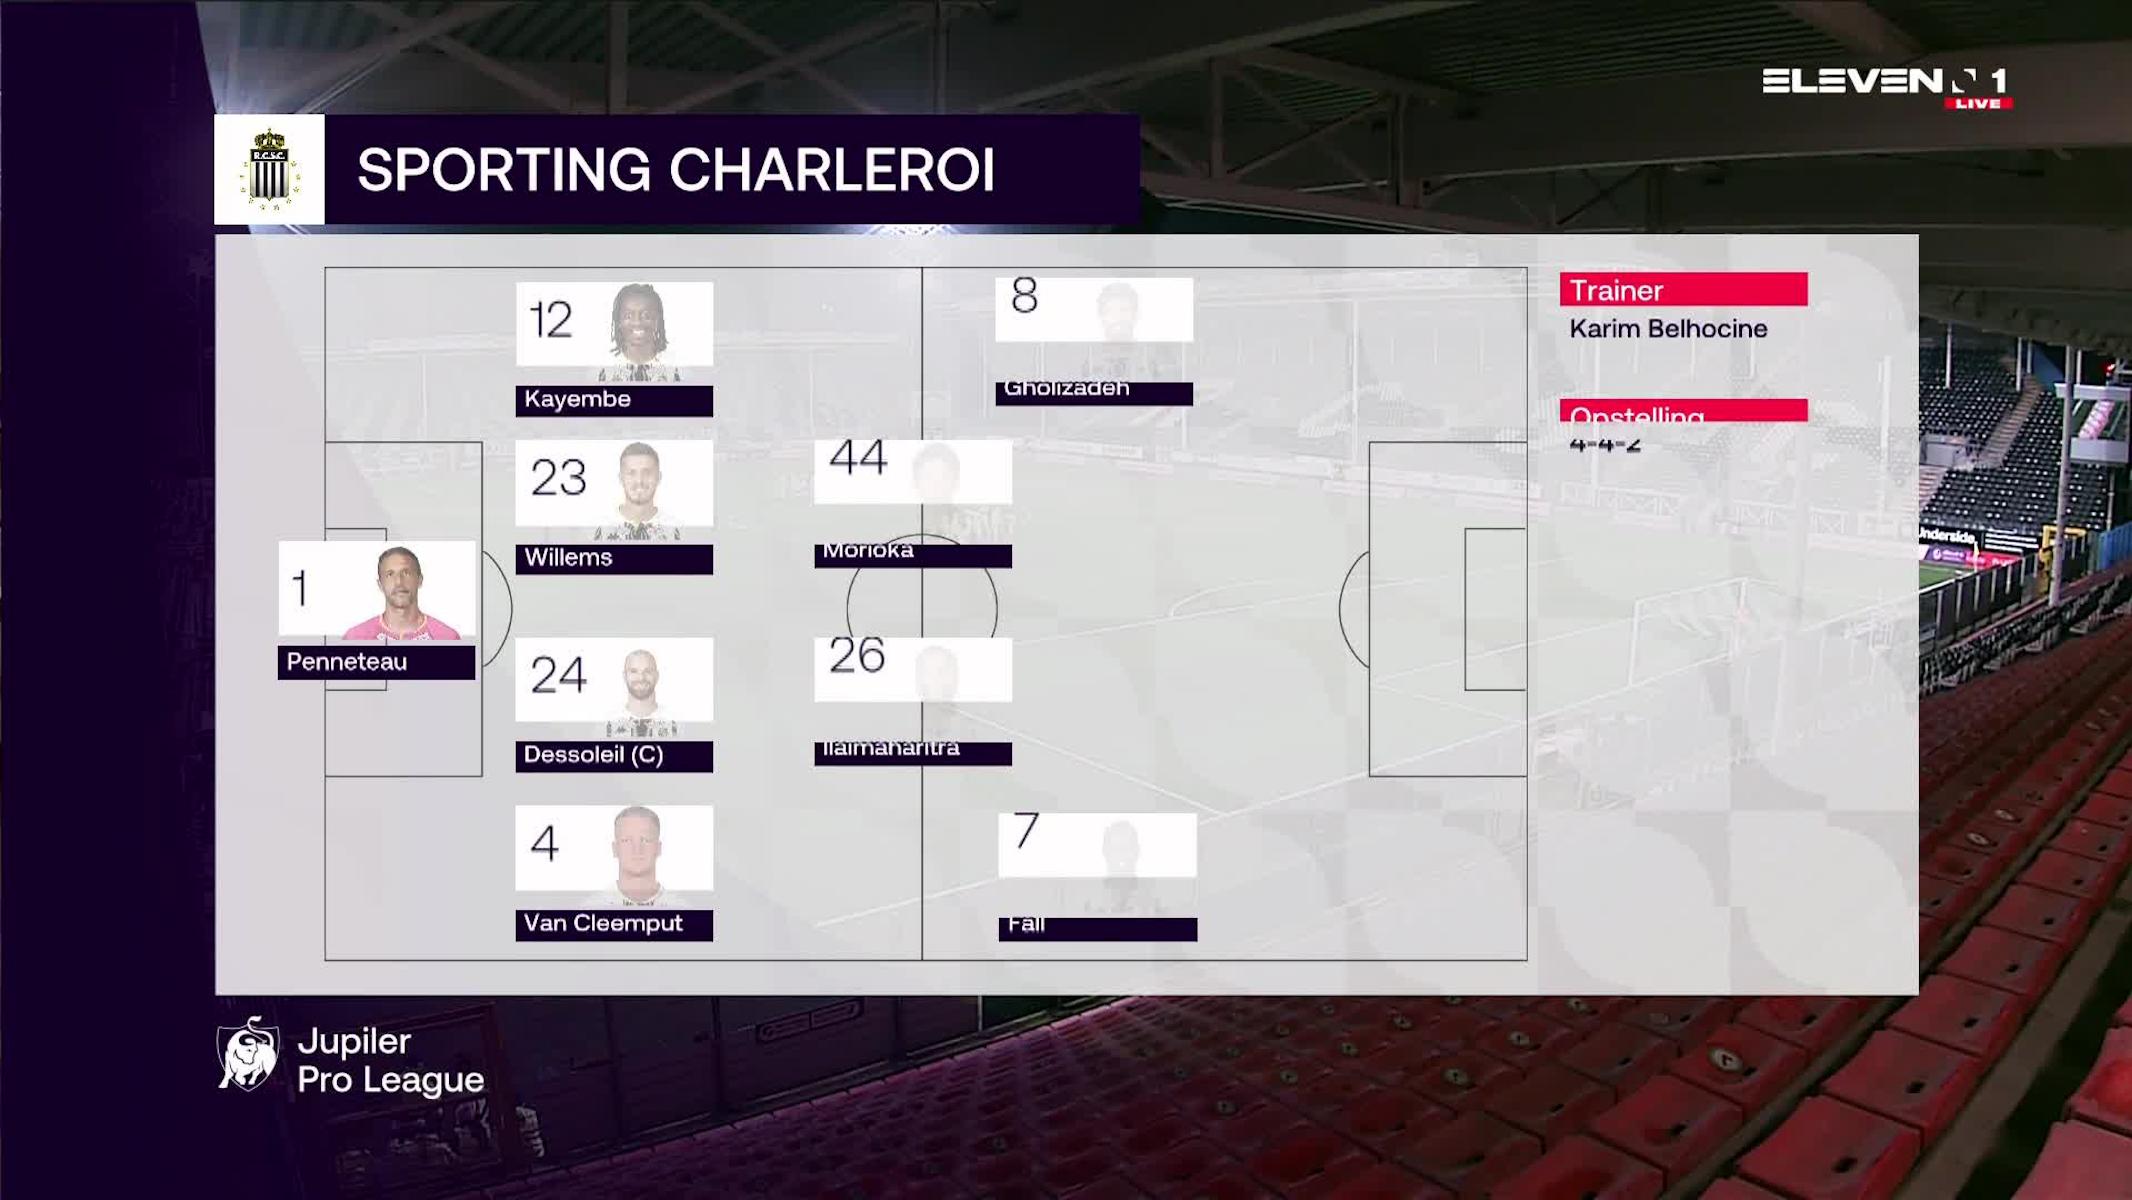 Samenvatting Sporting Charleroi vs. KAA Gent